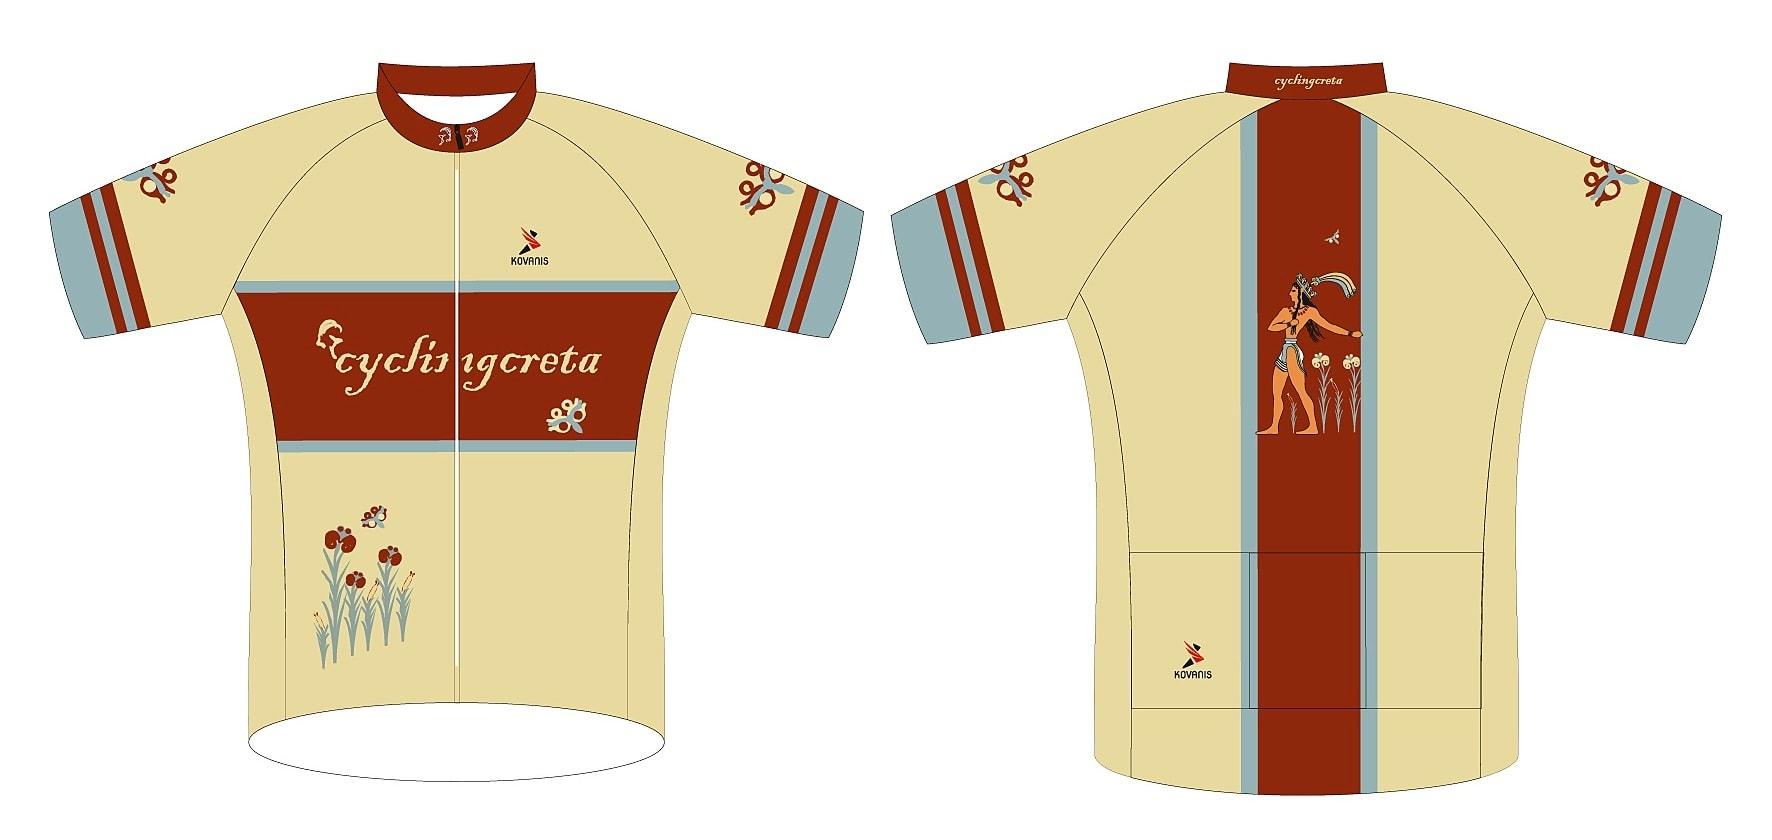 cyclingcreta jersey prince